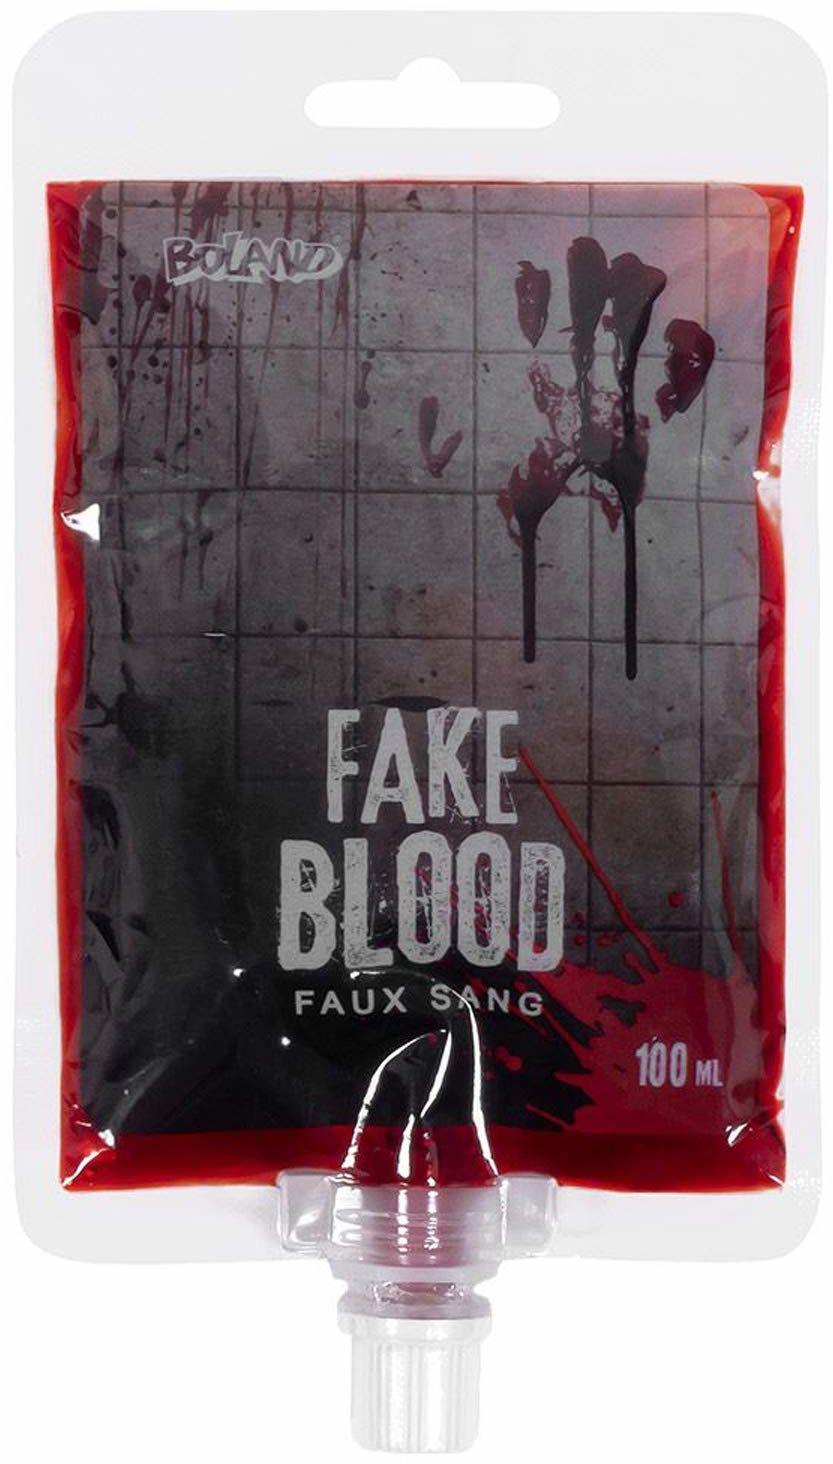 Boland 45159 - krew teatralna w woreczku, pojemność 100 ml, rozpuszczalna w wodzie, sztuczna krew, sztuczny krew, rana, makijaż, Halloween, karnawał, imprezę tematyczną, teatr, scena